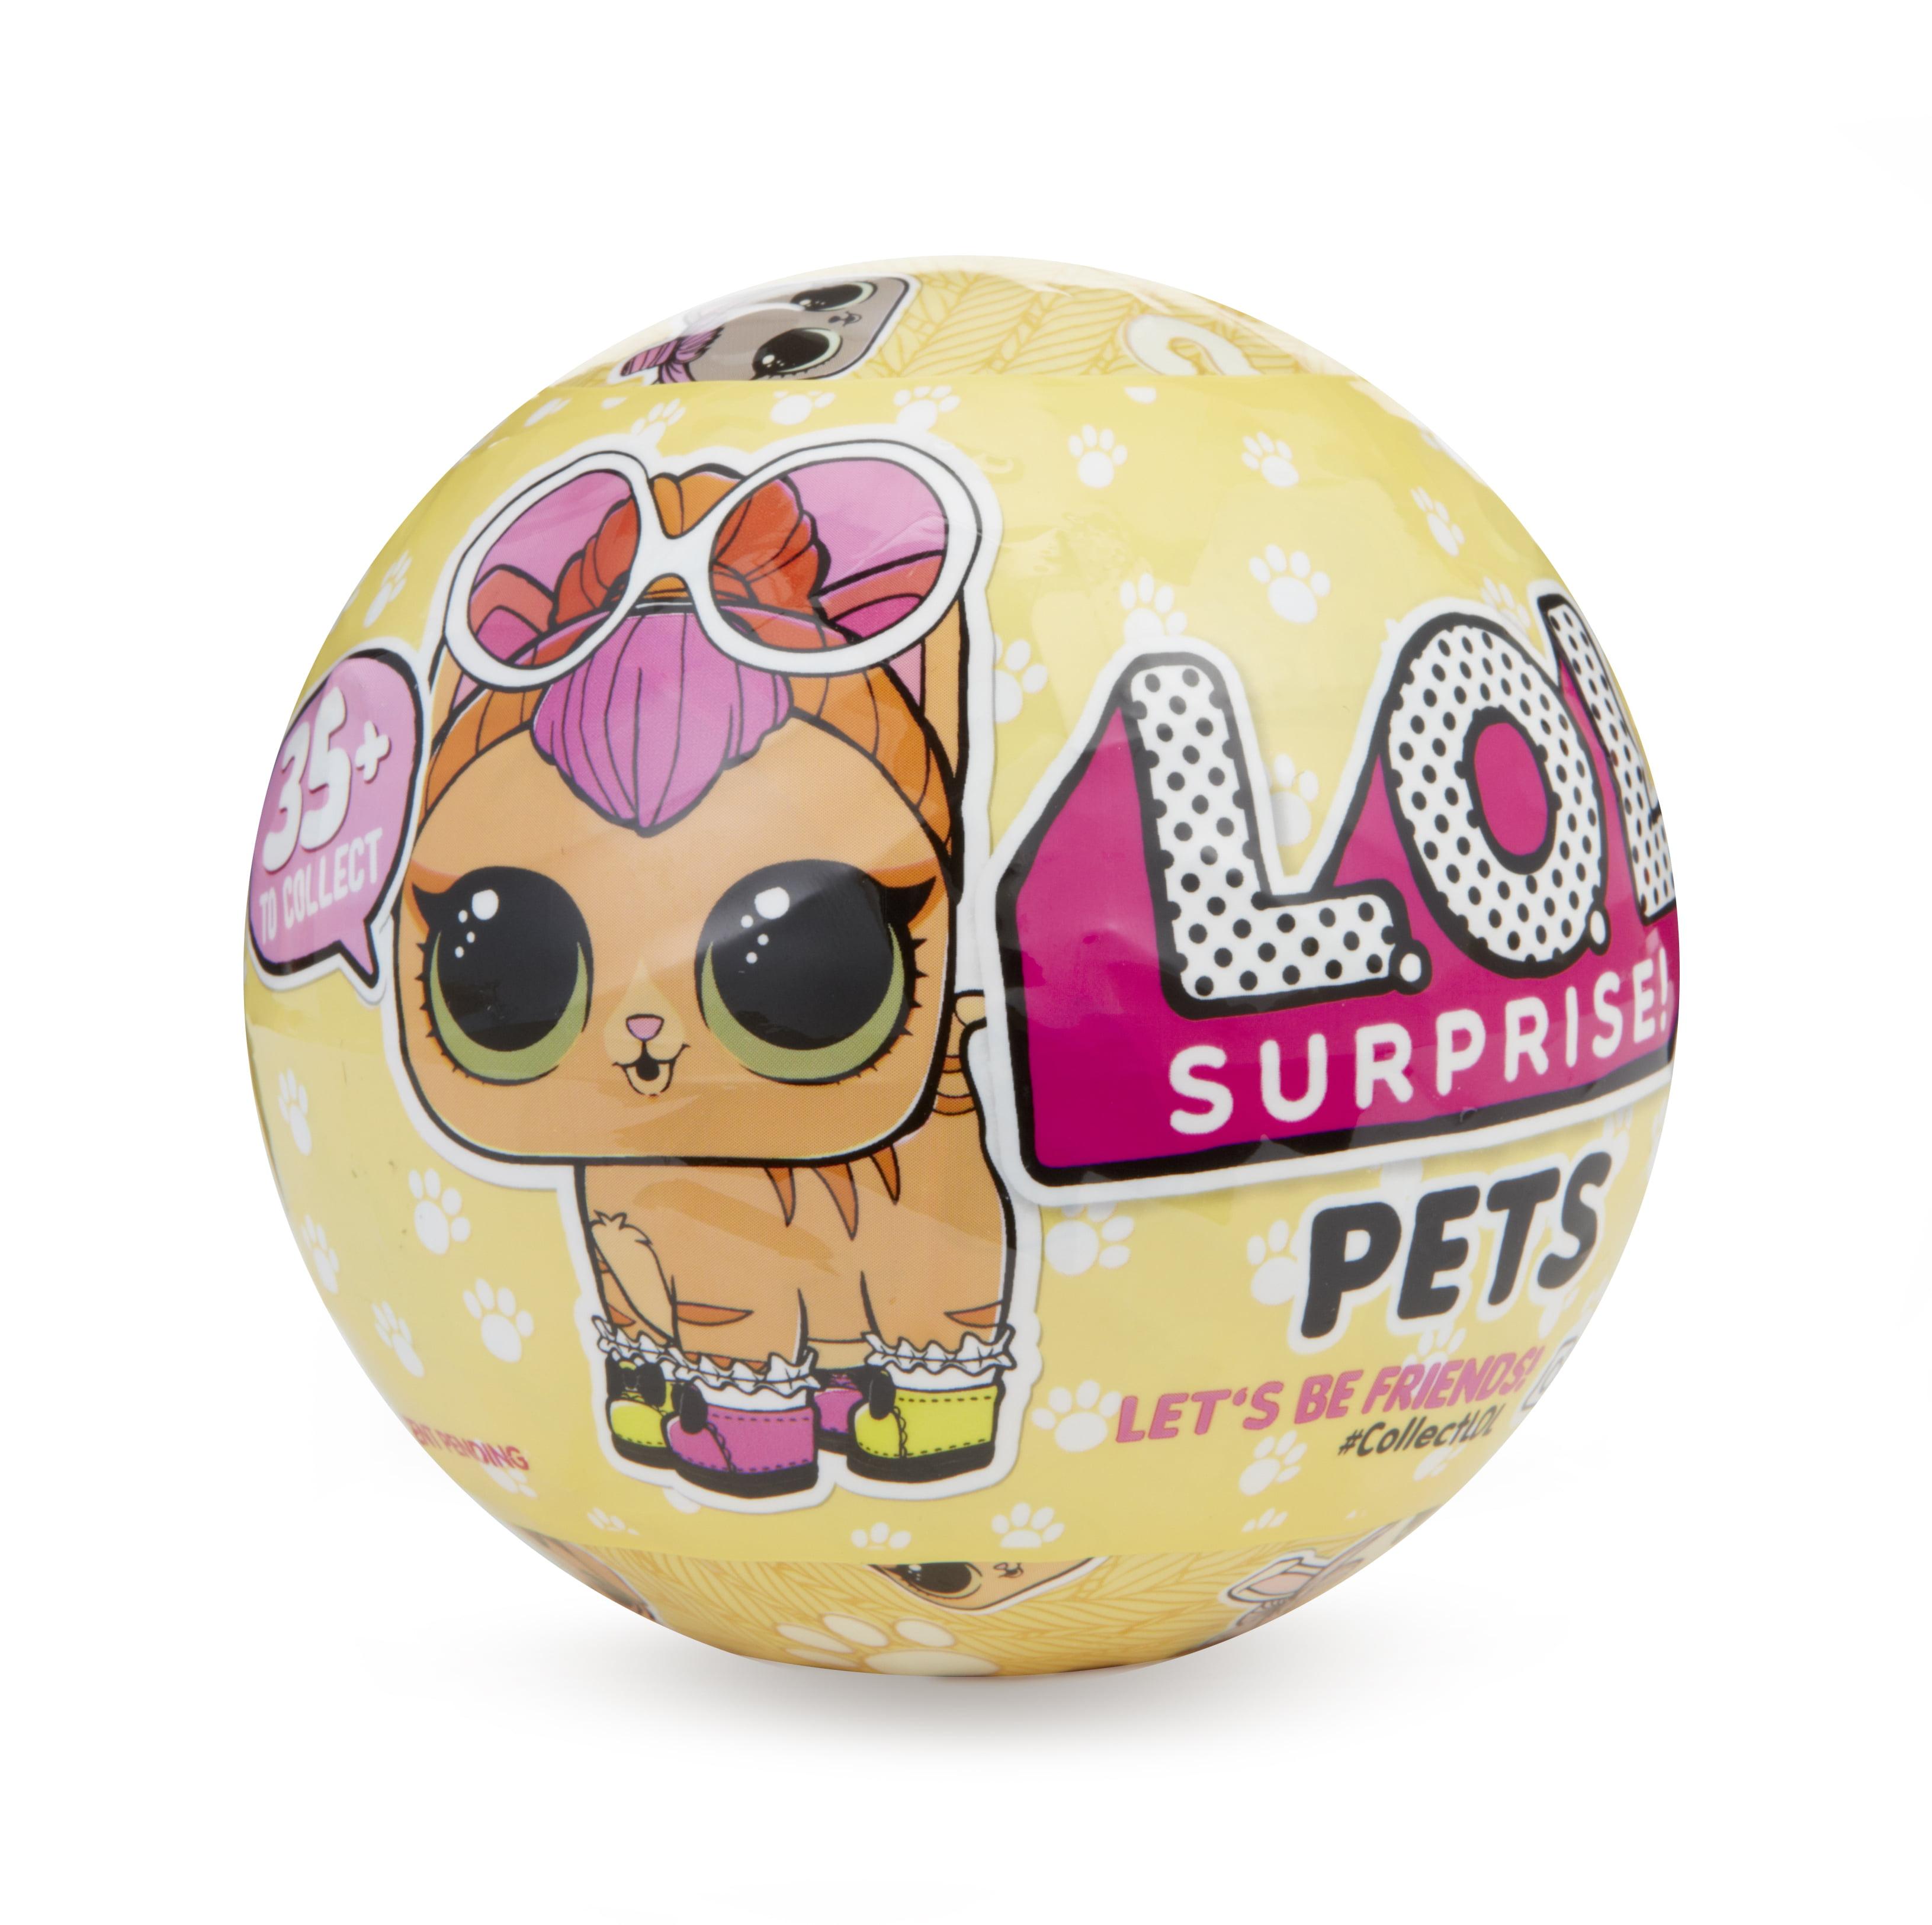 L.O.L. Surprise Pets Series 3